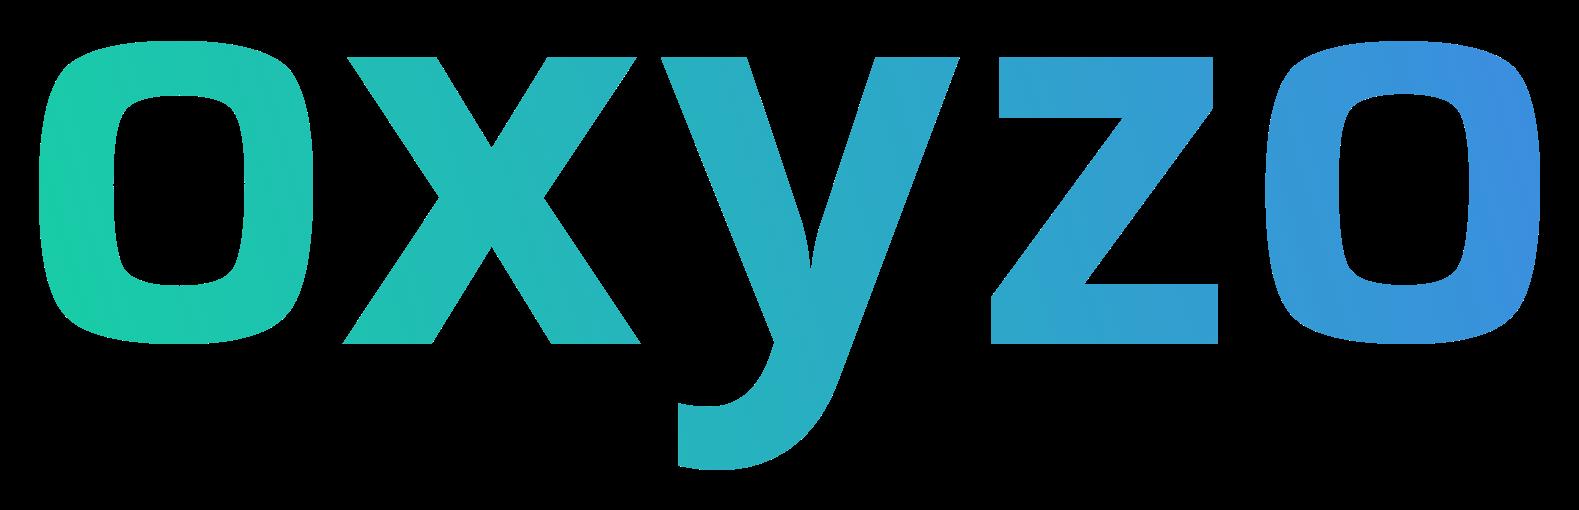 oxyzo_logo